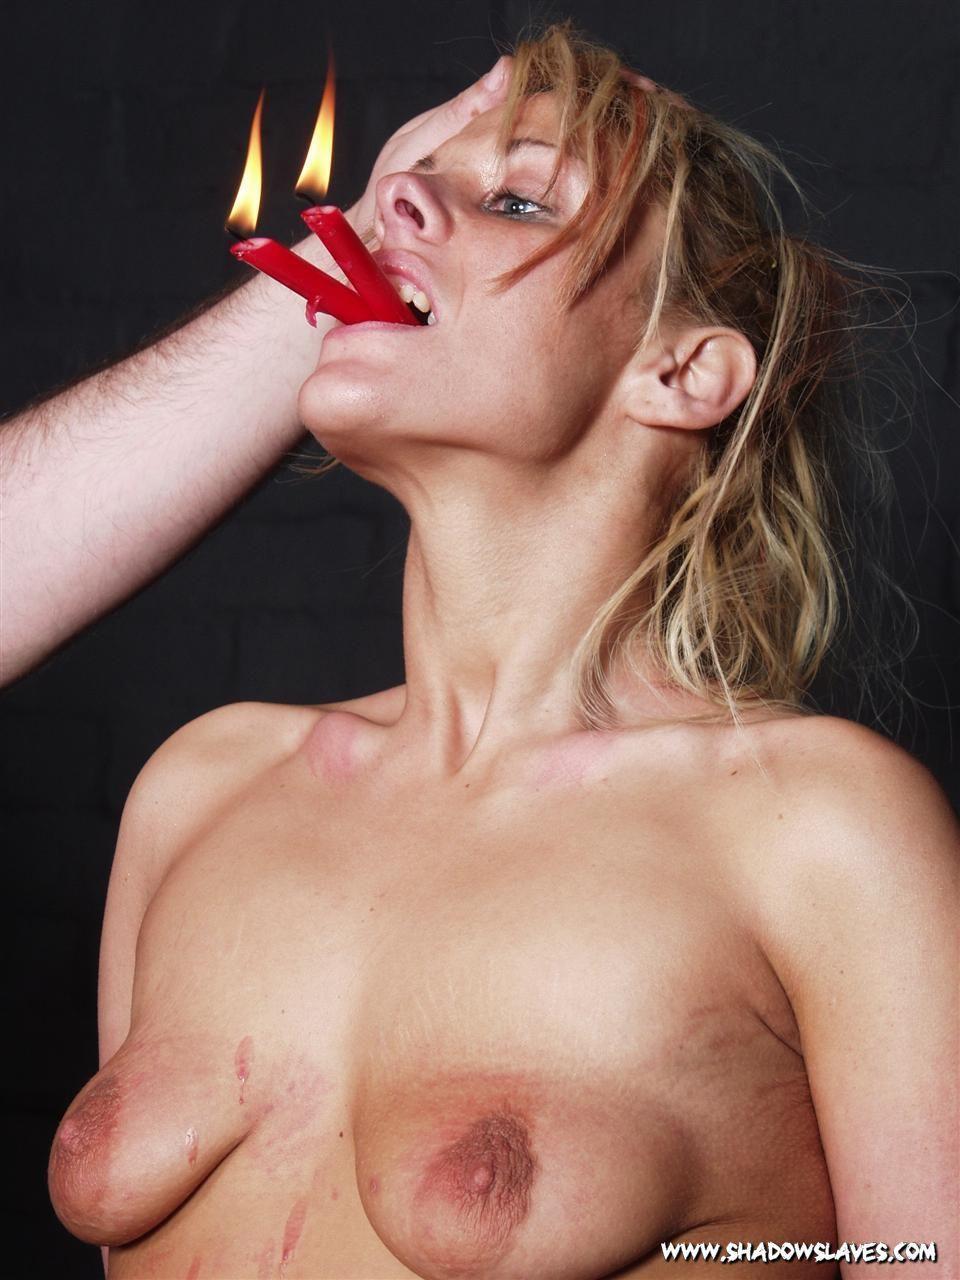 Boob shot tube gras. mardi milf at